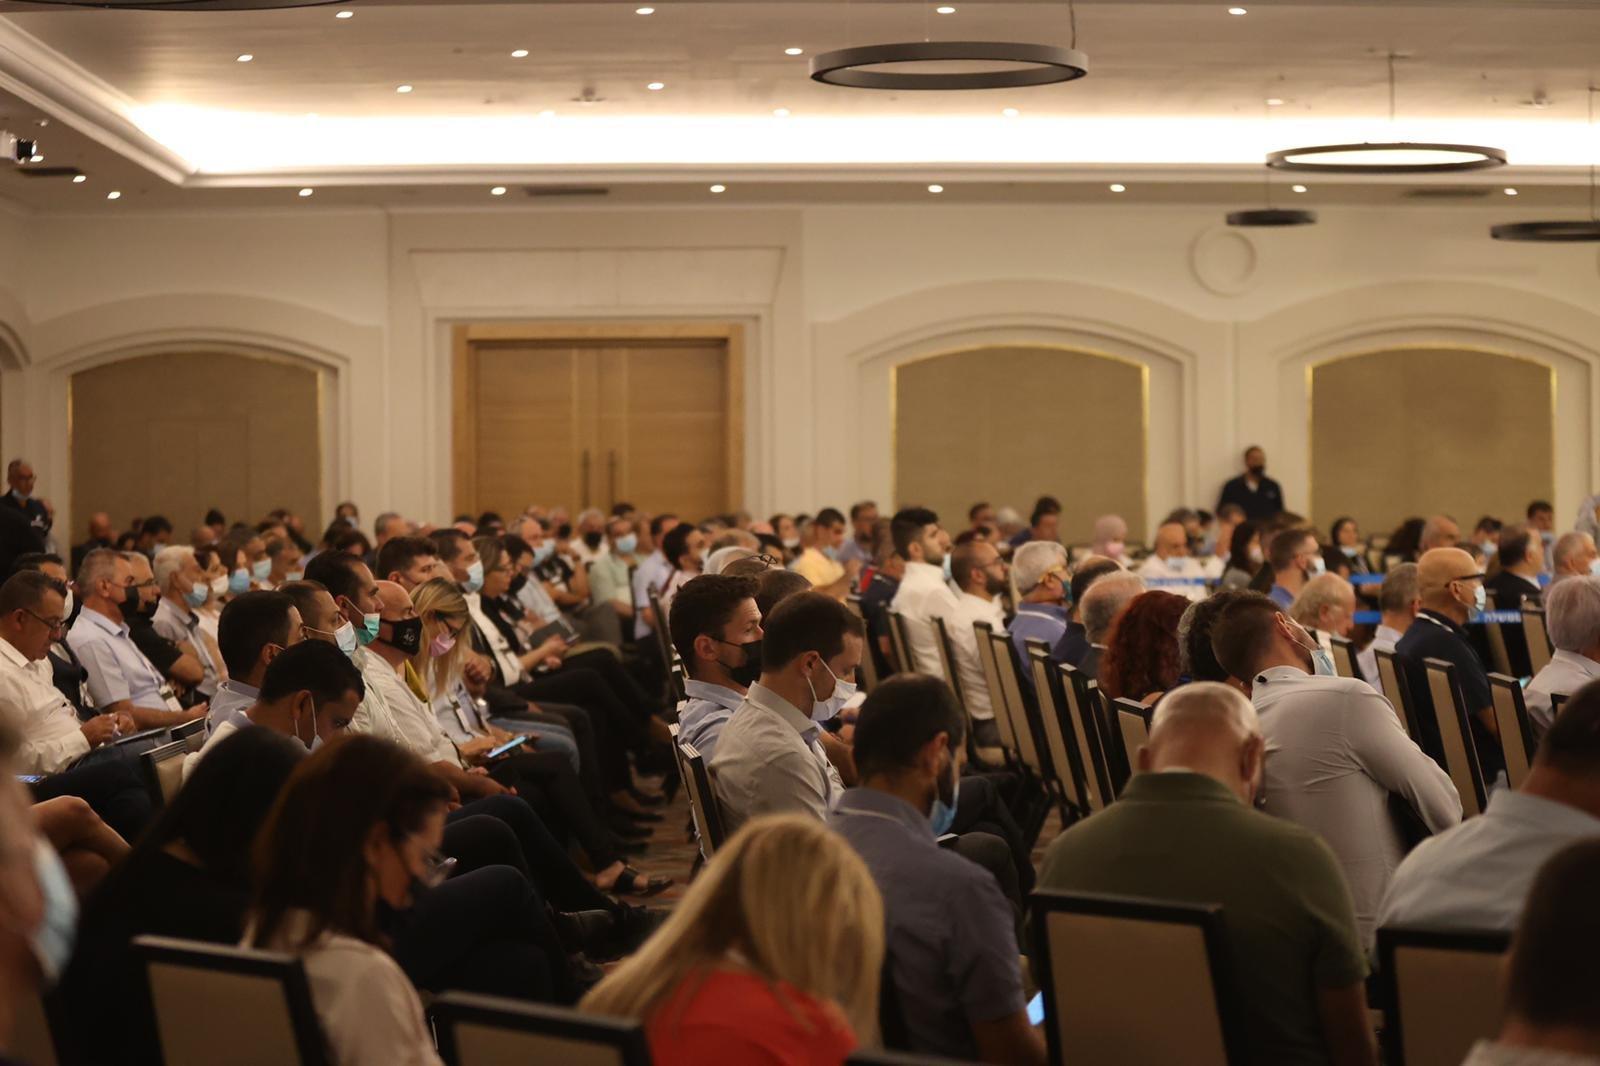 مشاركة كبيرة ومحاضرات هامة في المؤتمر الاقتصادي للمجتمع العربي بالناصرة-6